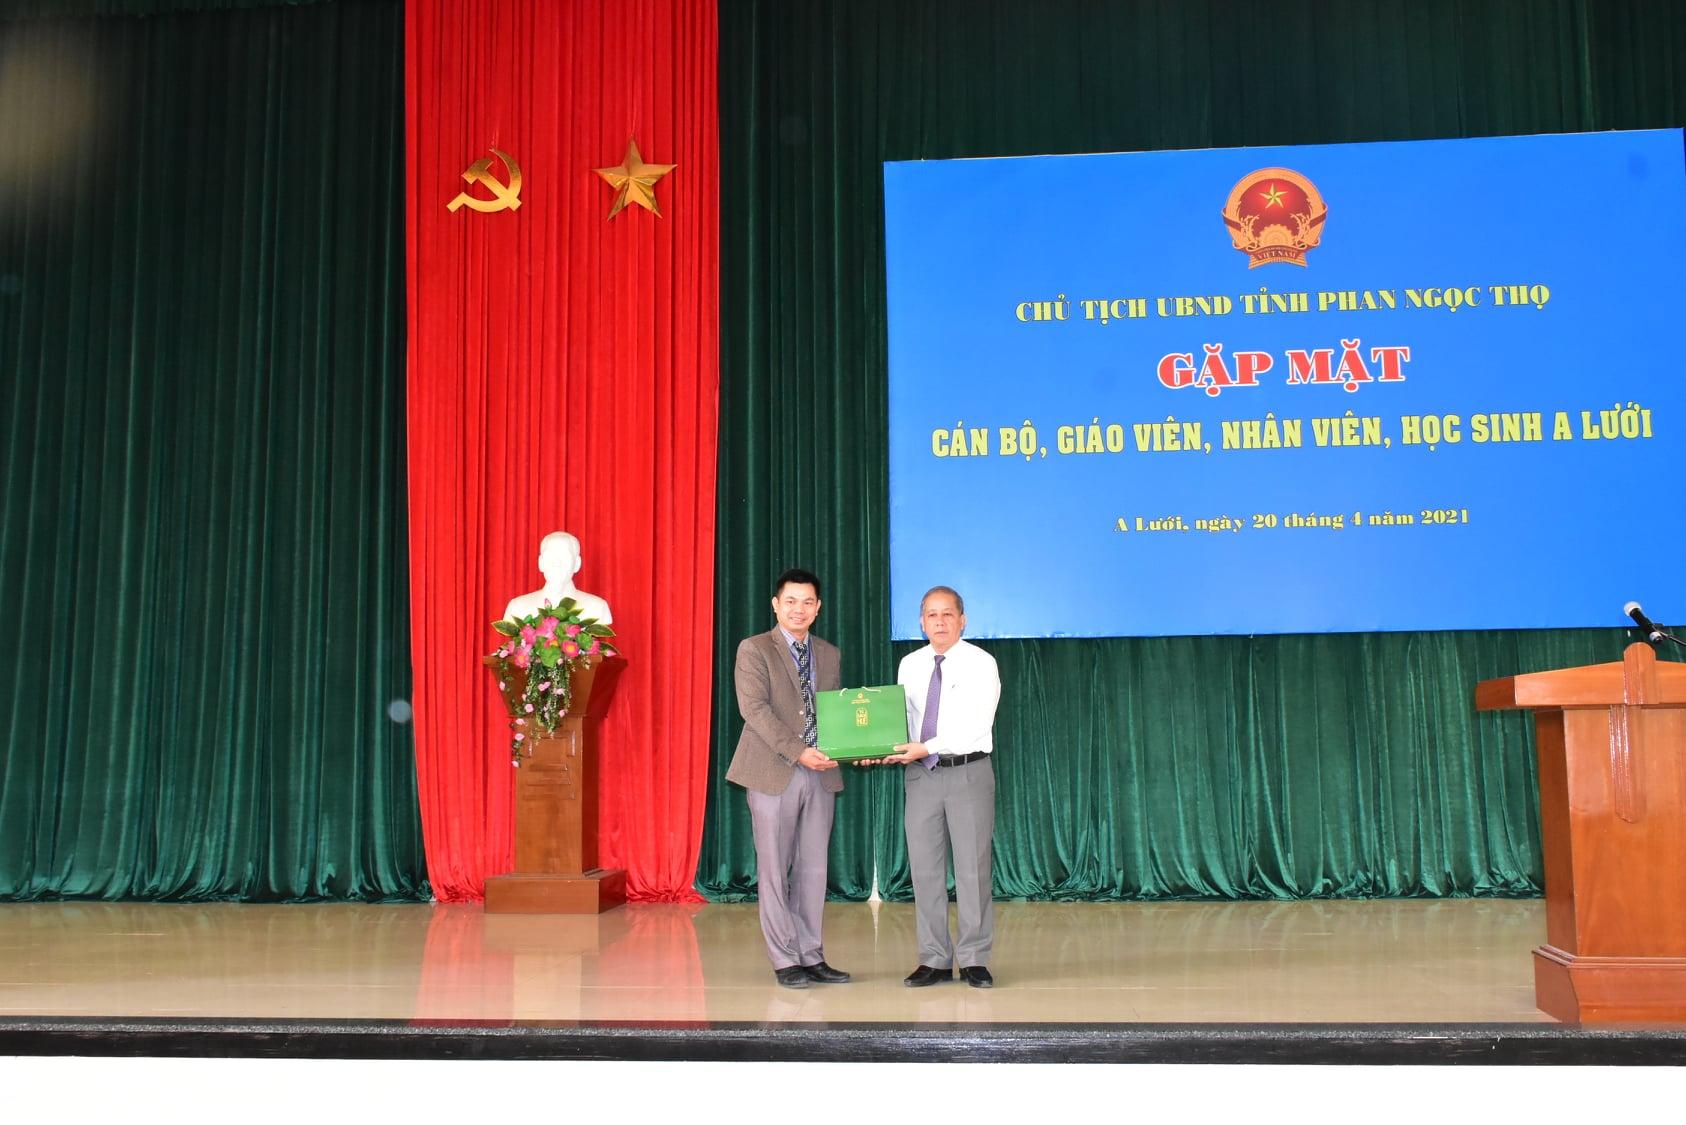 Chủ tịch UBND tỉnh Thừa Thiên Huế Phan Ngọc Thọ tặng sách cho Trường THPT A Lưới.